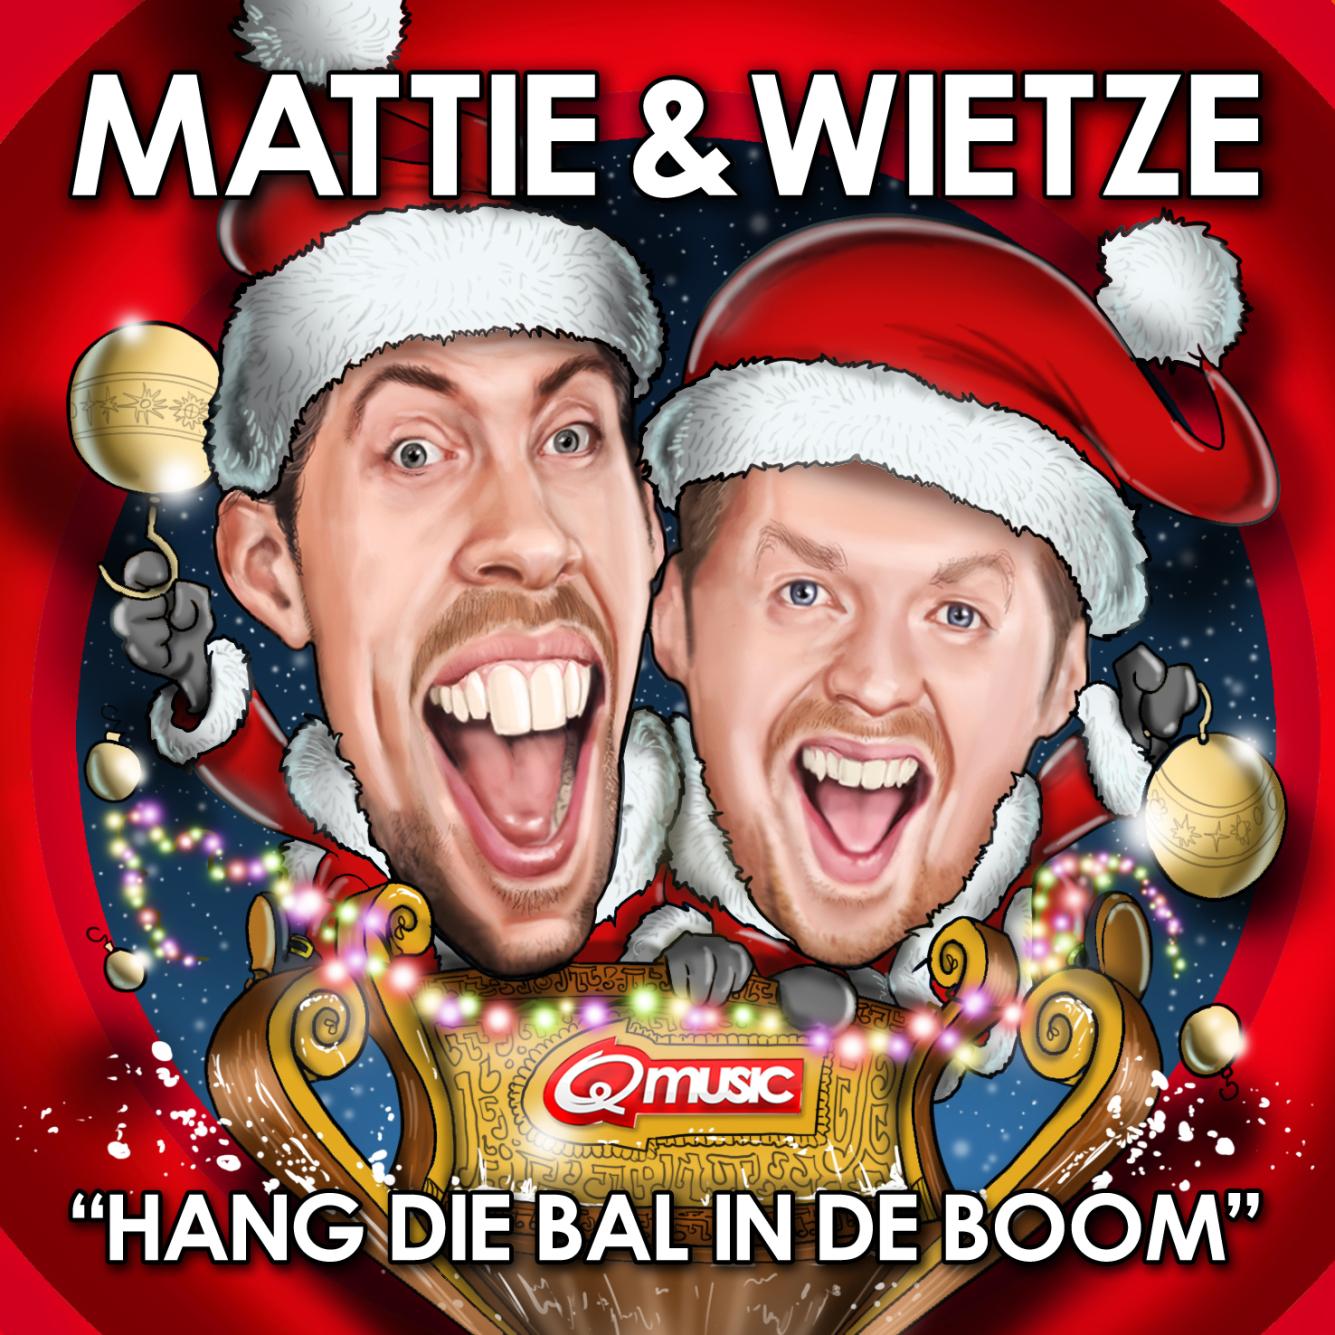 Q music kerstcd mattiewietze v2 0